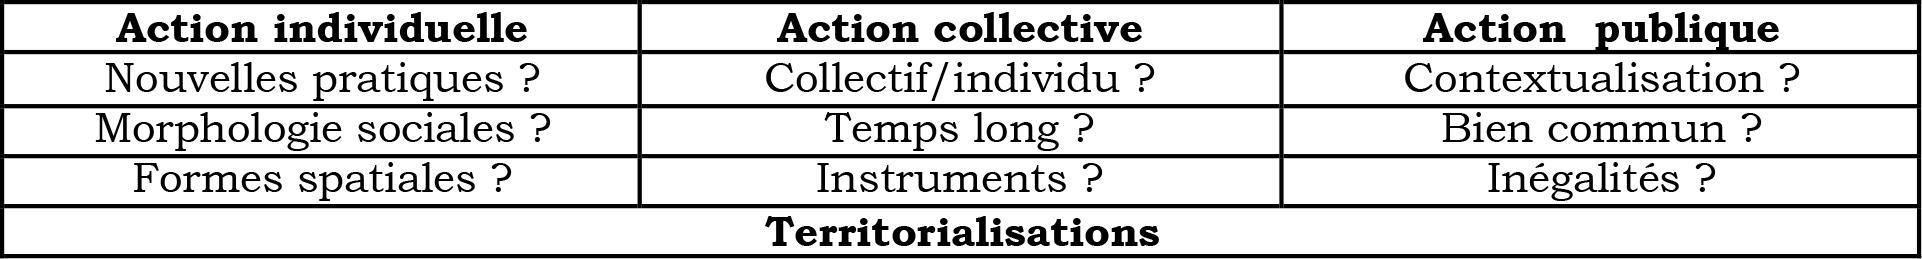 Lancement de l'axe Actions et territorialisatinos, 26 janvier 2015 - Synthèse des 9 interrogations soumises au débat